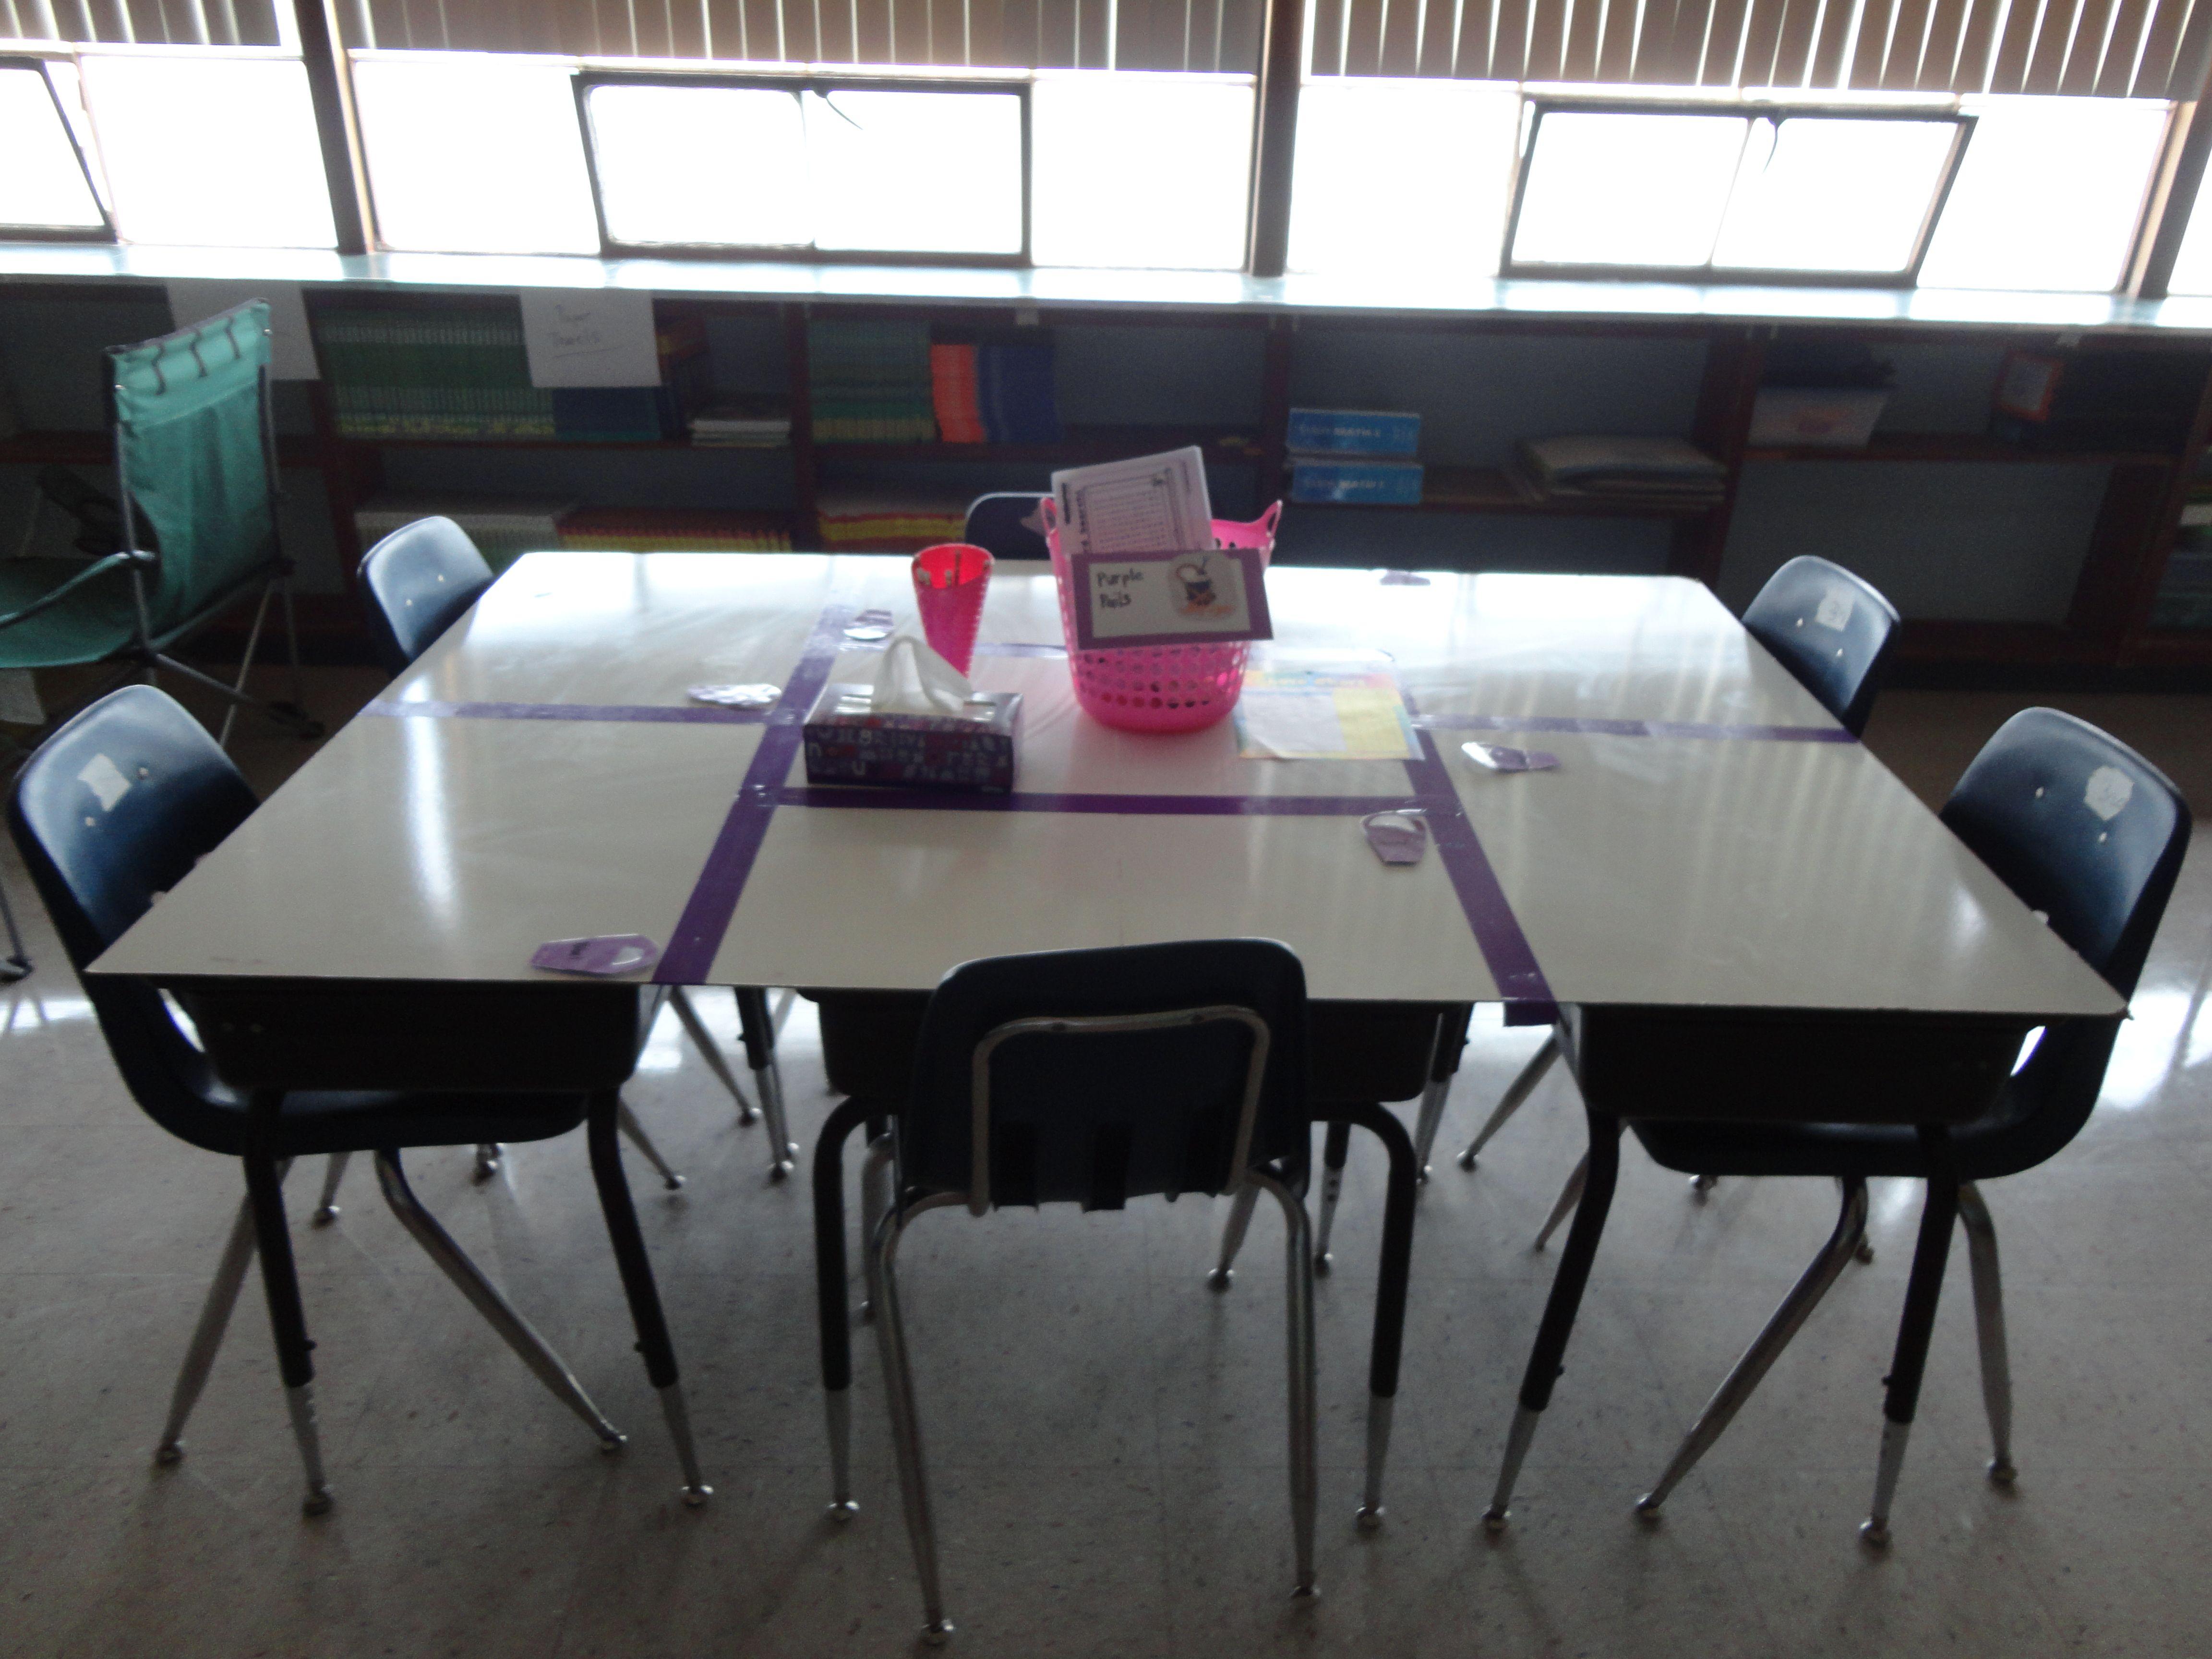 whiteboard desksa pretty cool idea  Classy Classroom